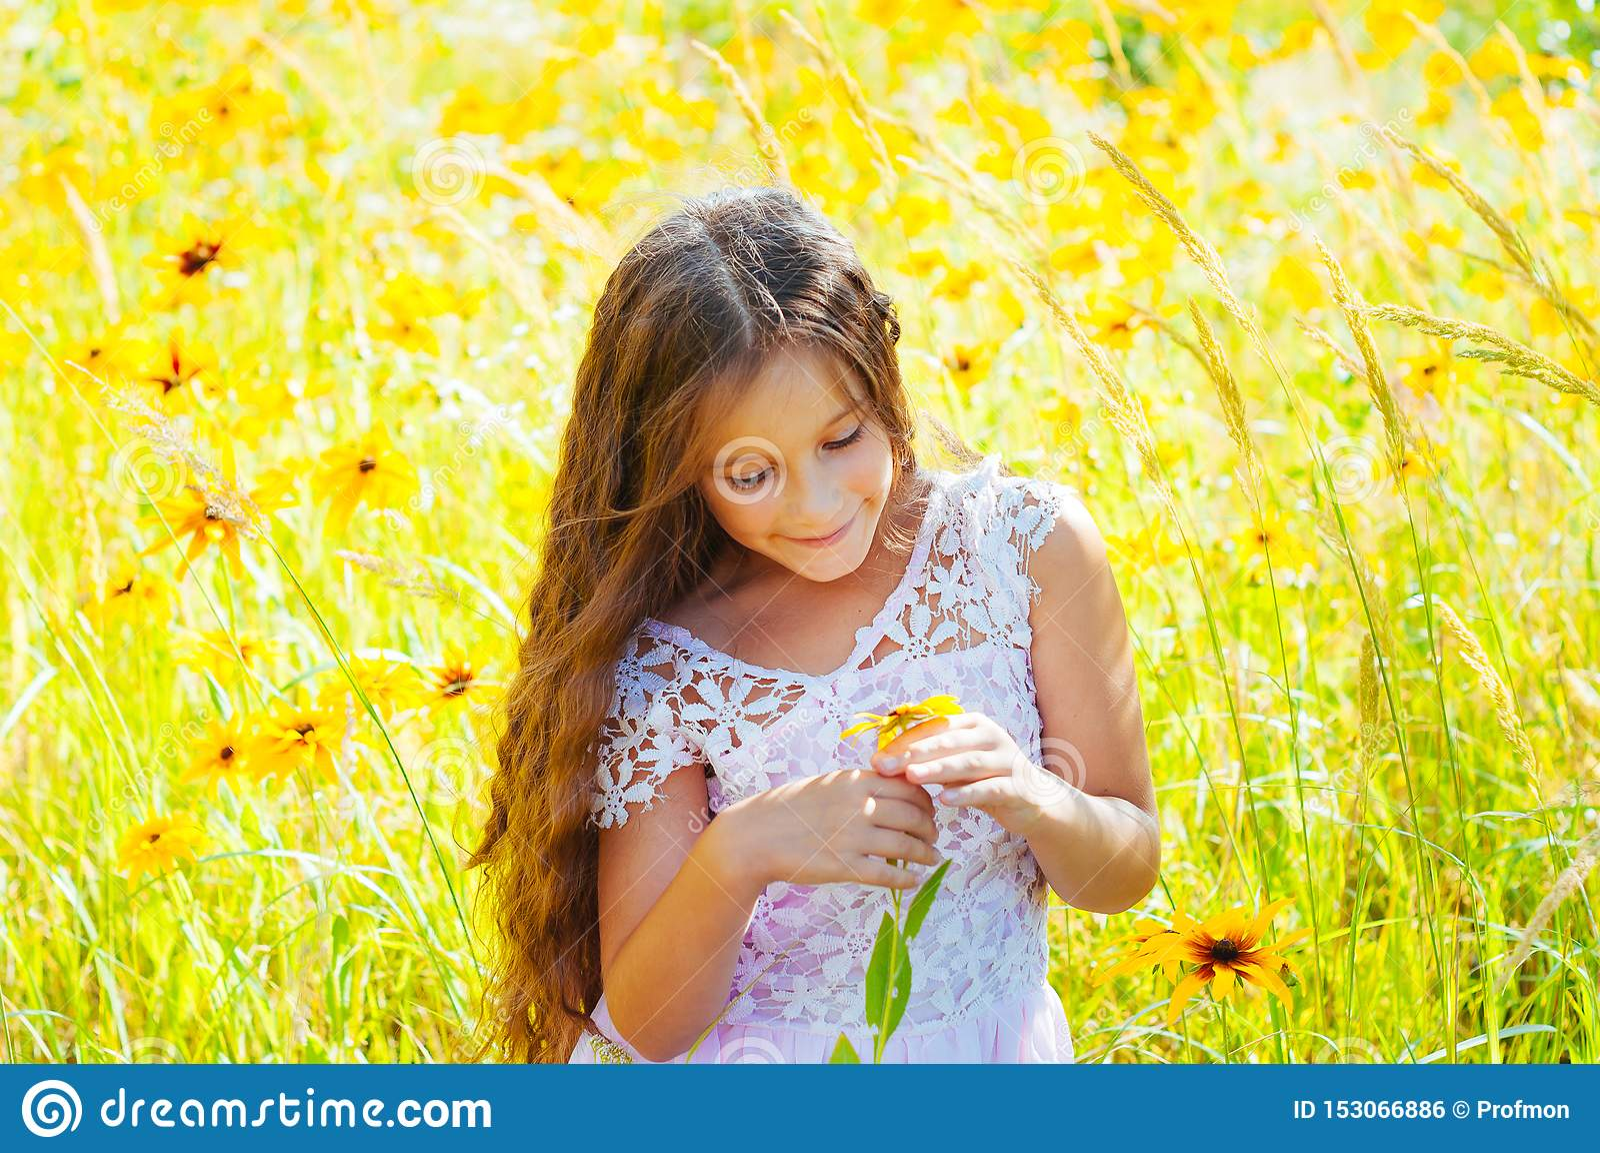 Το μικρό κορίτσι με μακρυμάλλη σε ένα άσπρο φόρεμα χαίρεται για έναν τομέα με τα λουλούδια